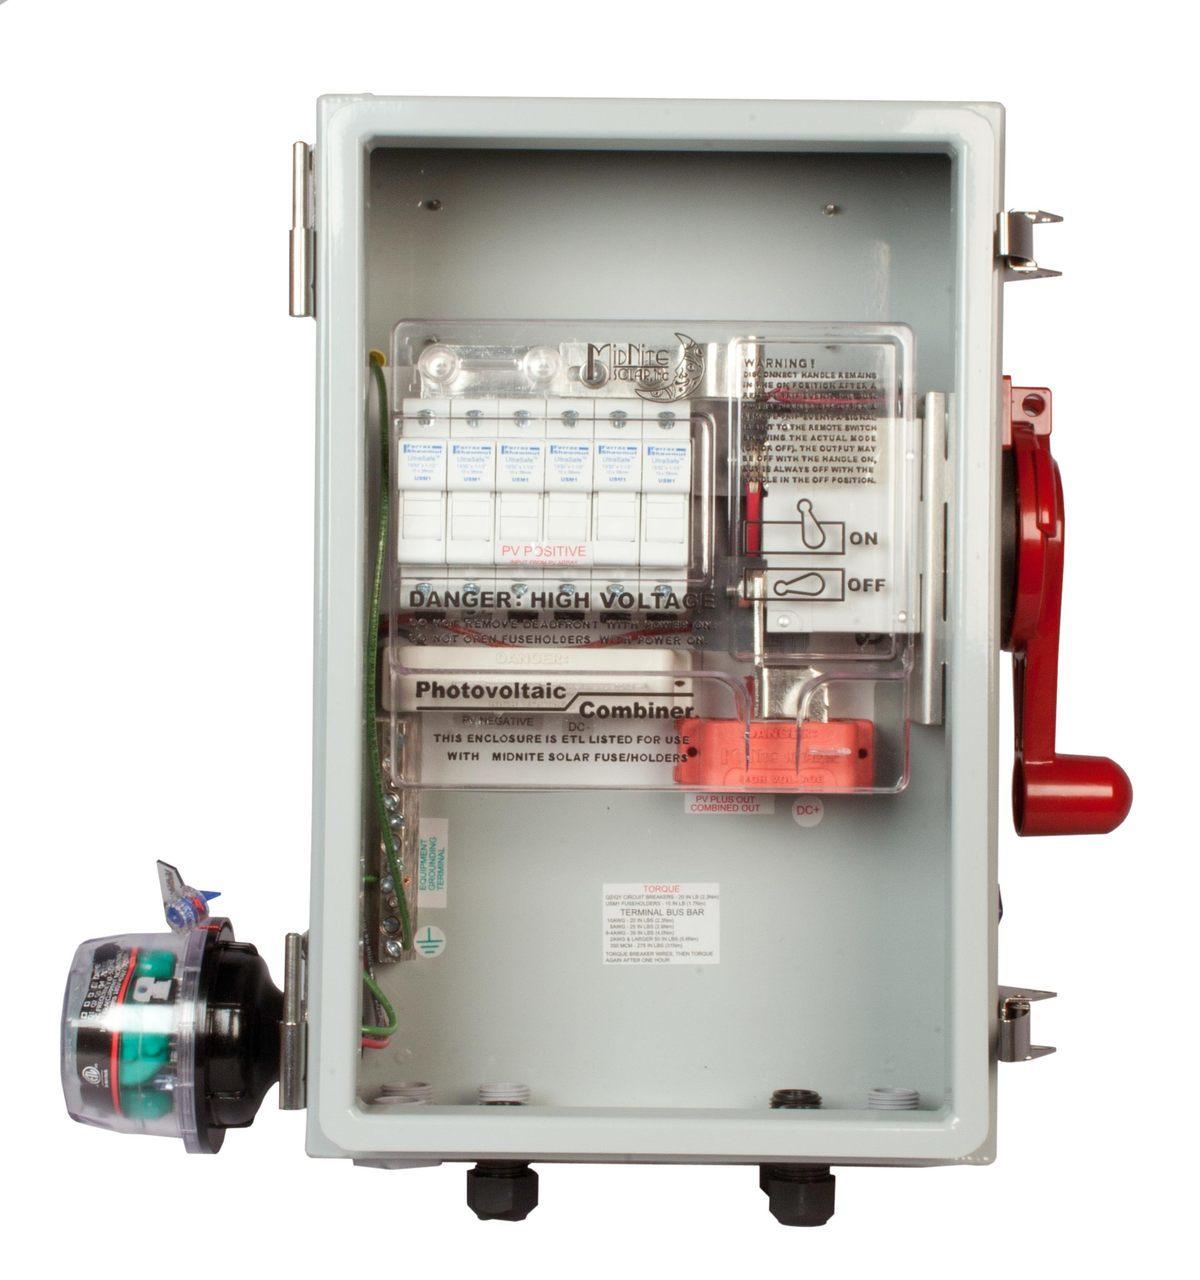 MidNite Solar MNPV6HV Disco 4X Combiner Box w/ Disc